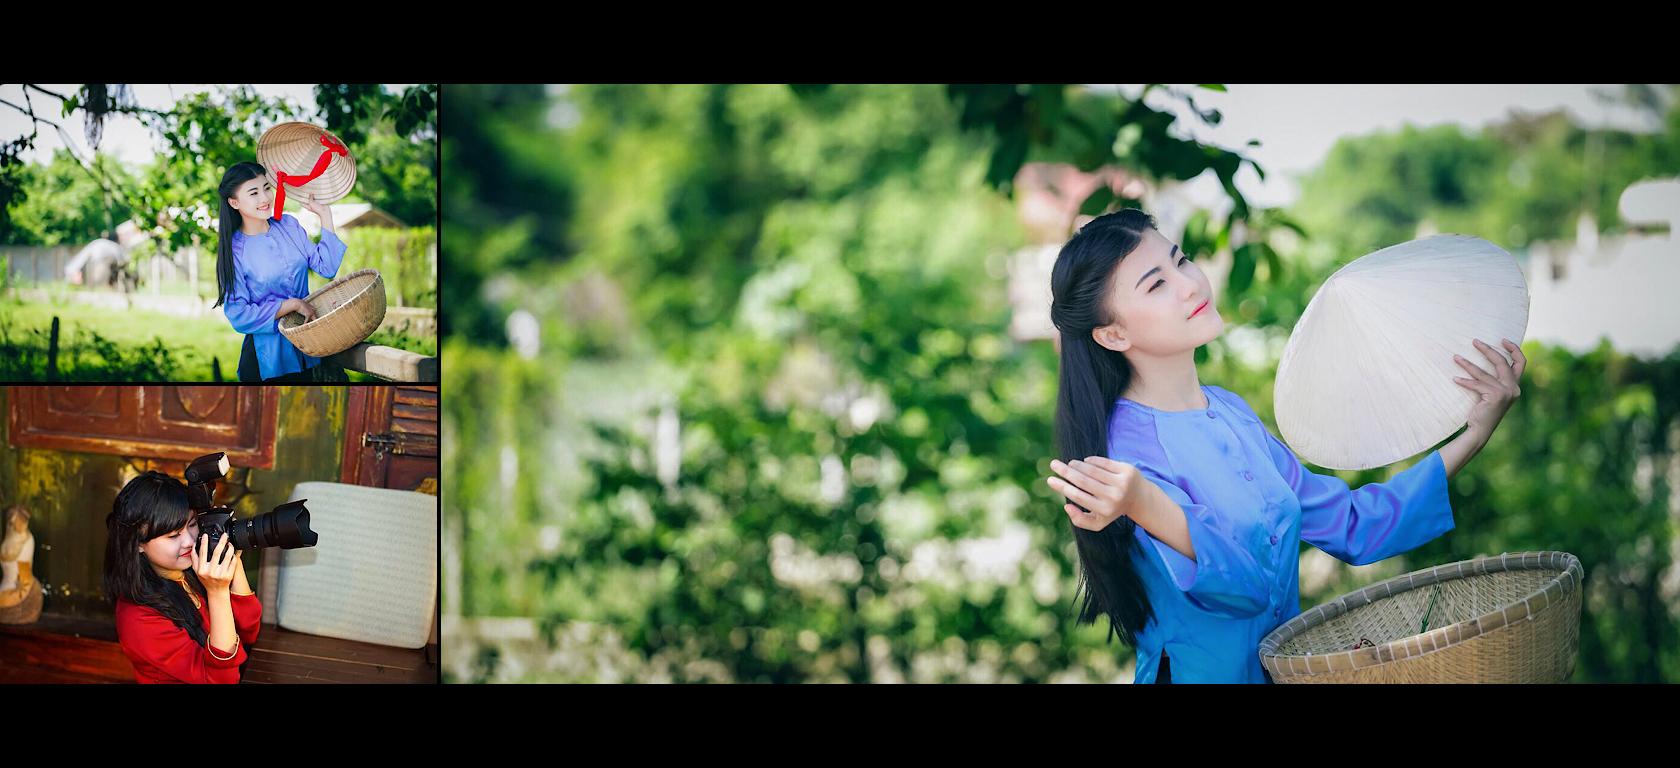 pg-nguoi-mau-model-nguyen-nhung